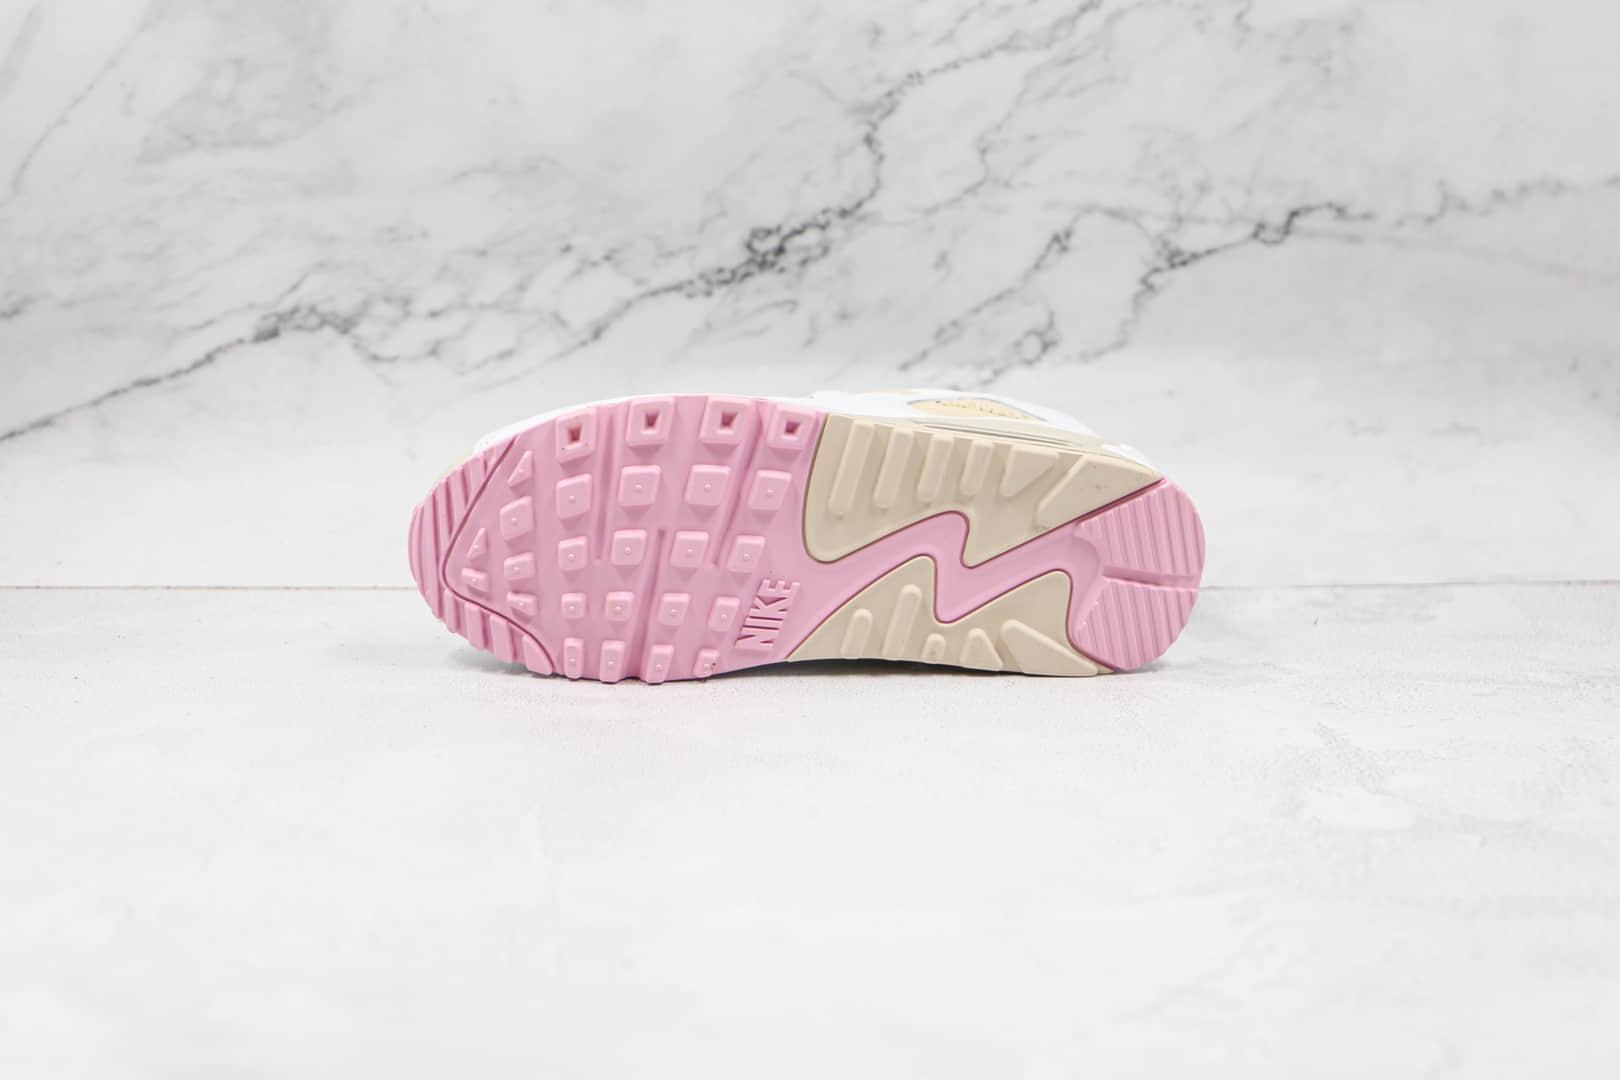 耐克Nike Air Max 90纯原版本复古Max90粉白奶昔配色气垫鞋原楦头纸板打造 货号:CT1873-100